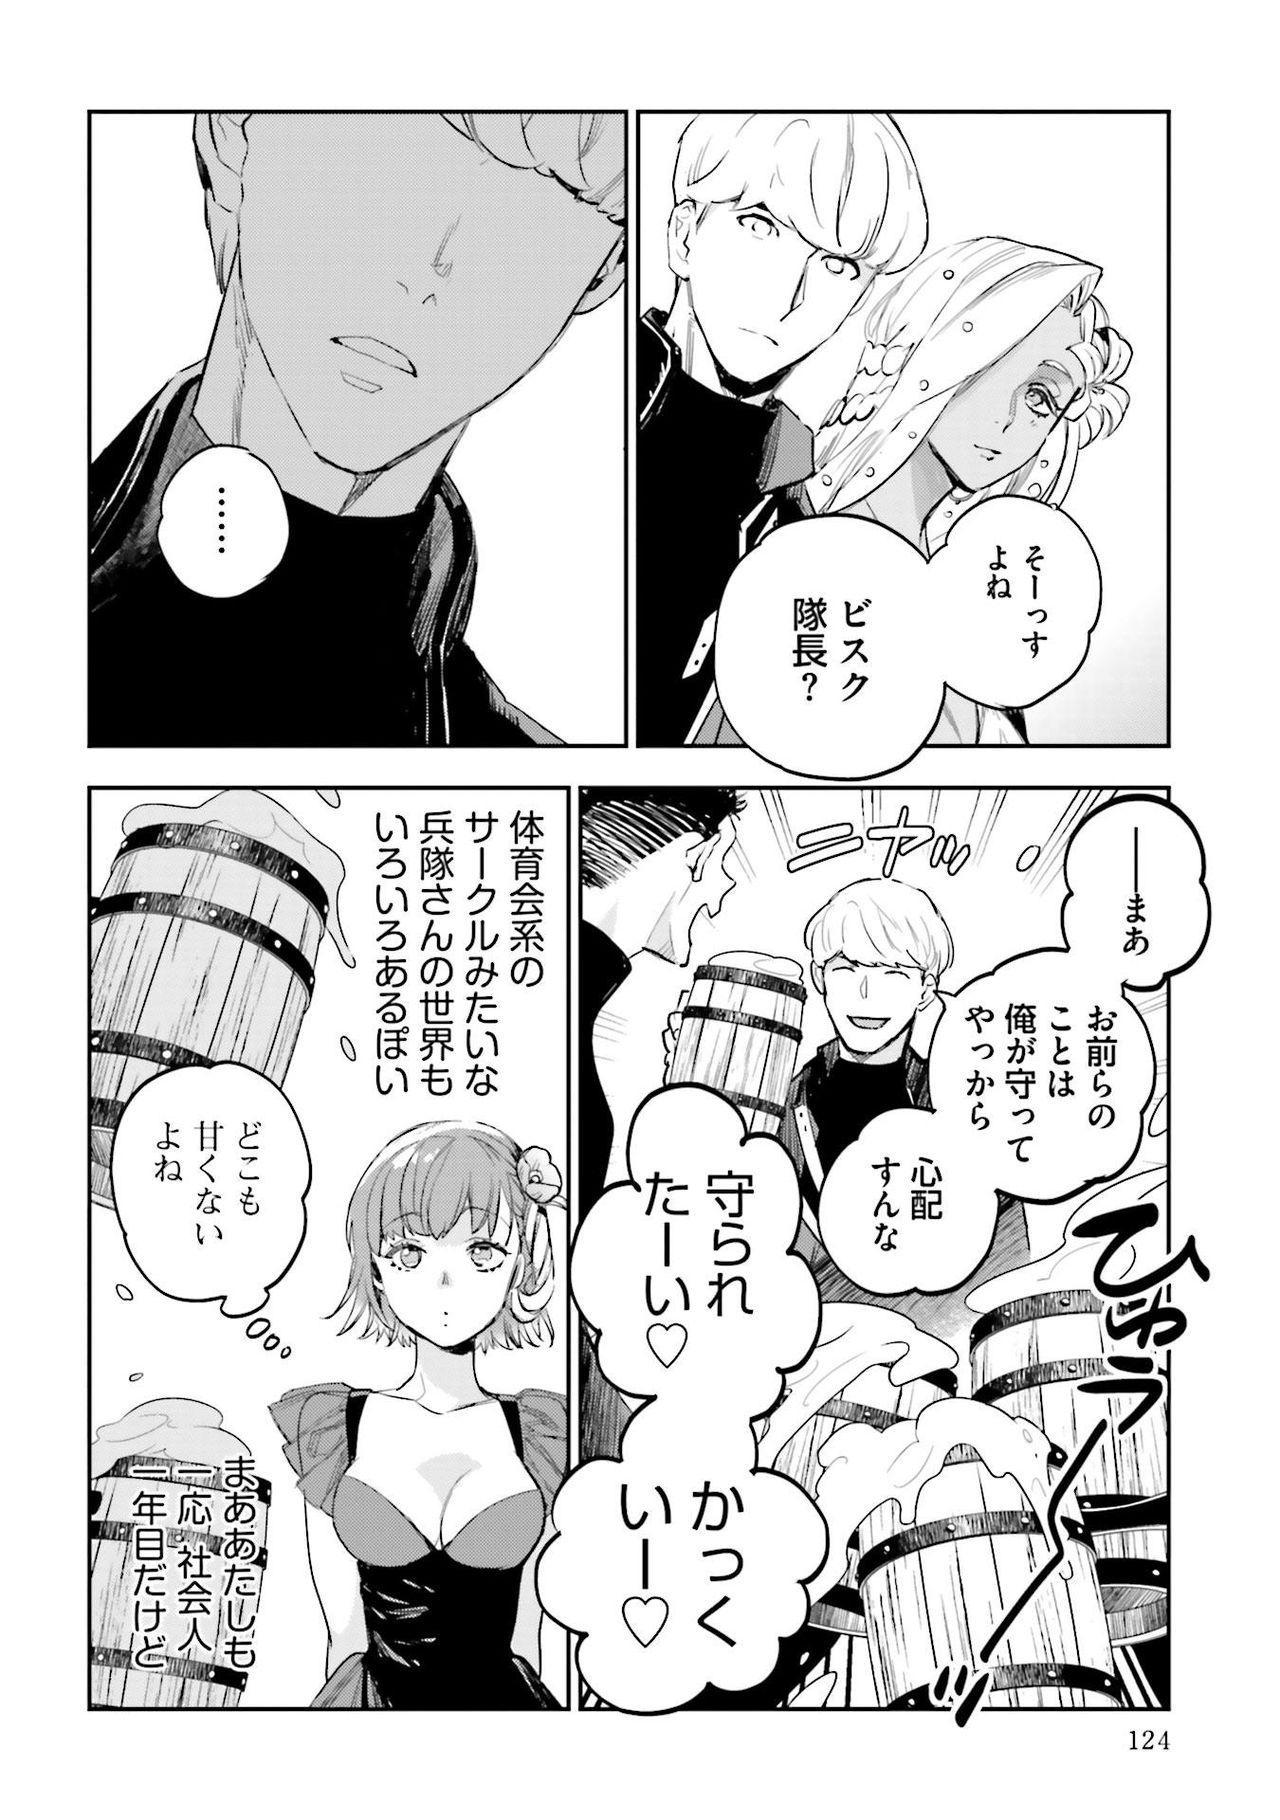 JK Haru wa Isekai de Shoufu ni Natta 1-14 483